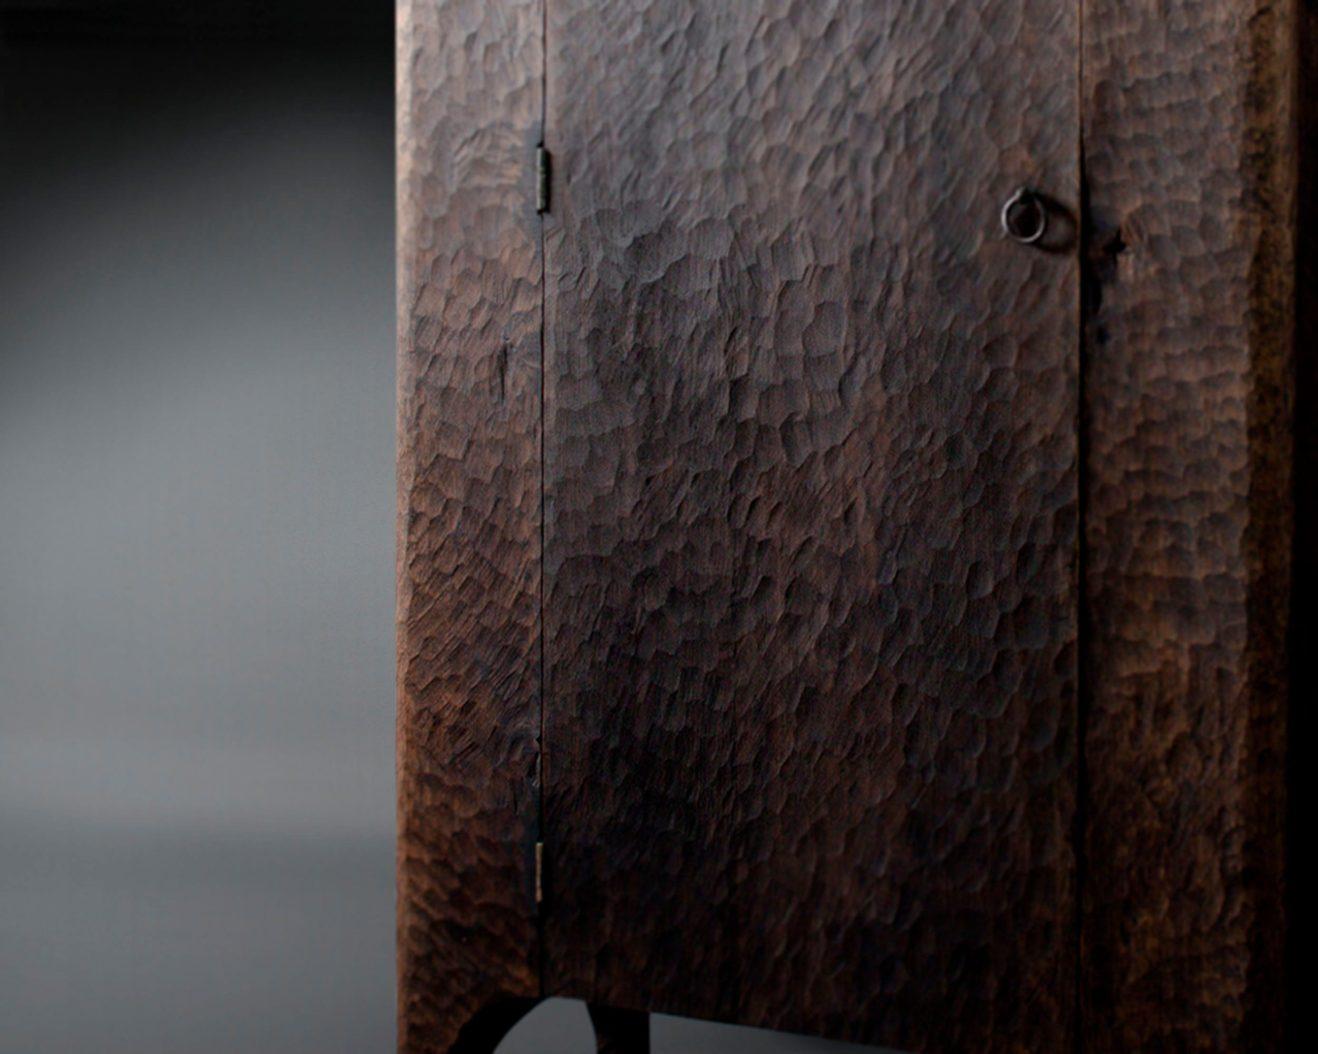 garde-robe-soha-concept-denis-milovanov